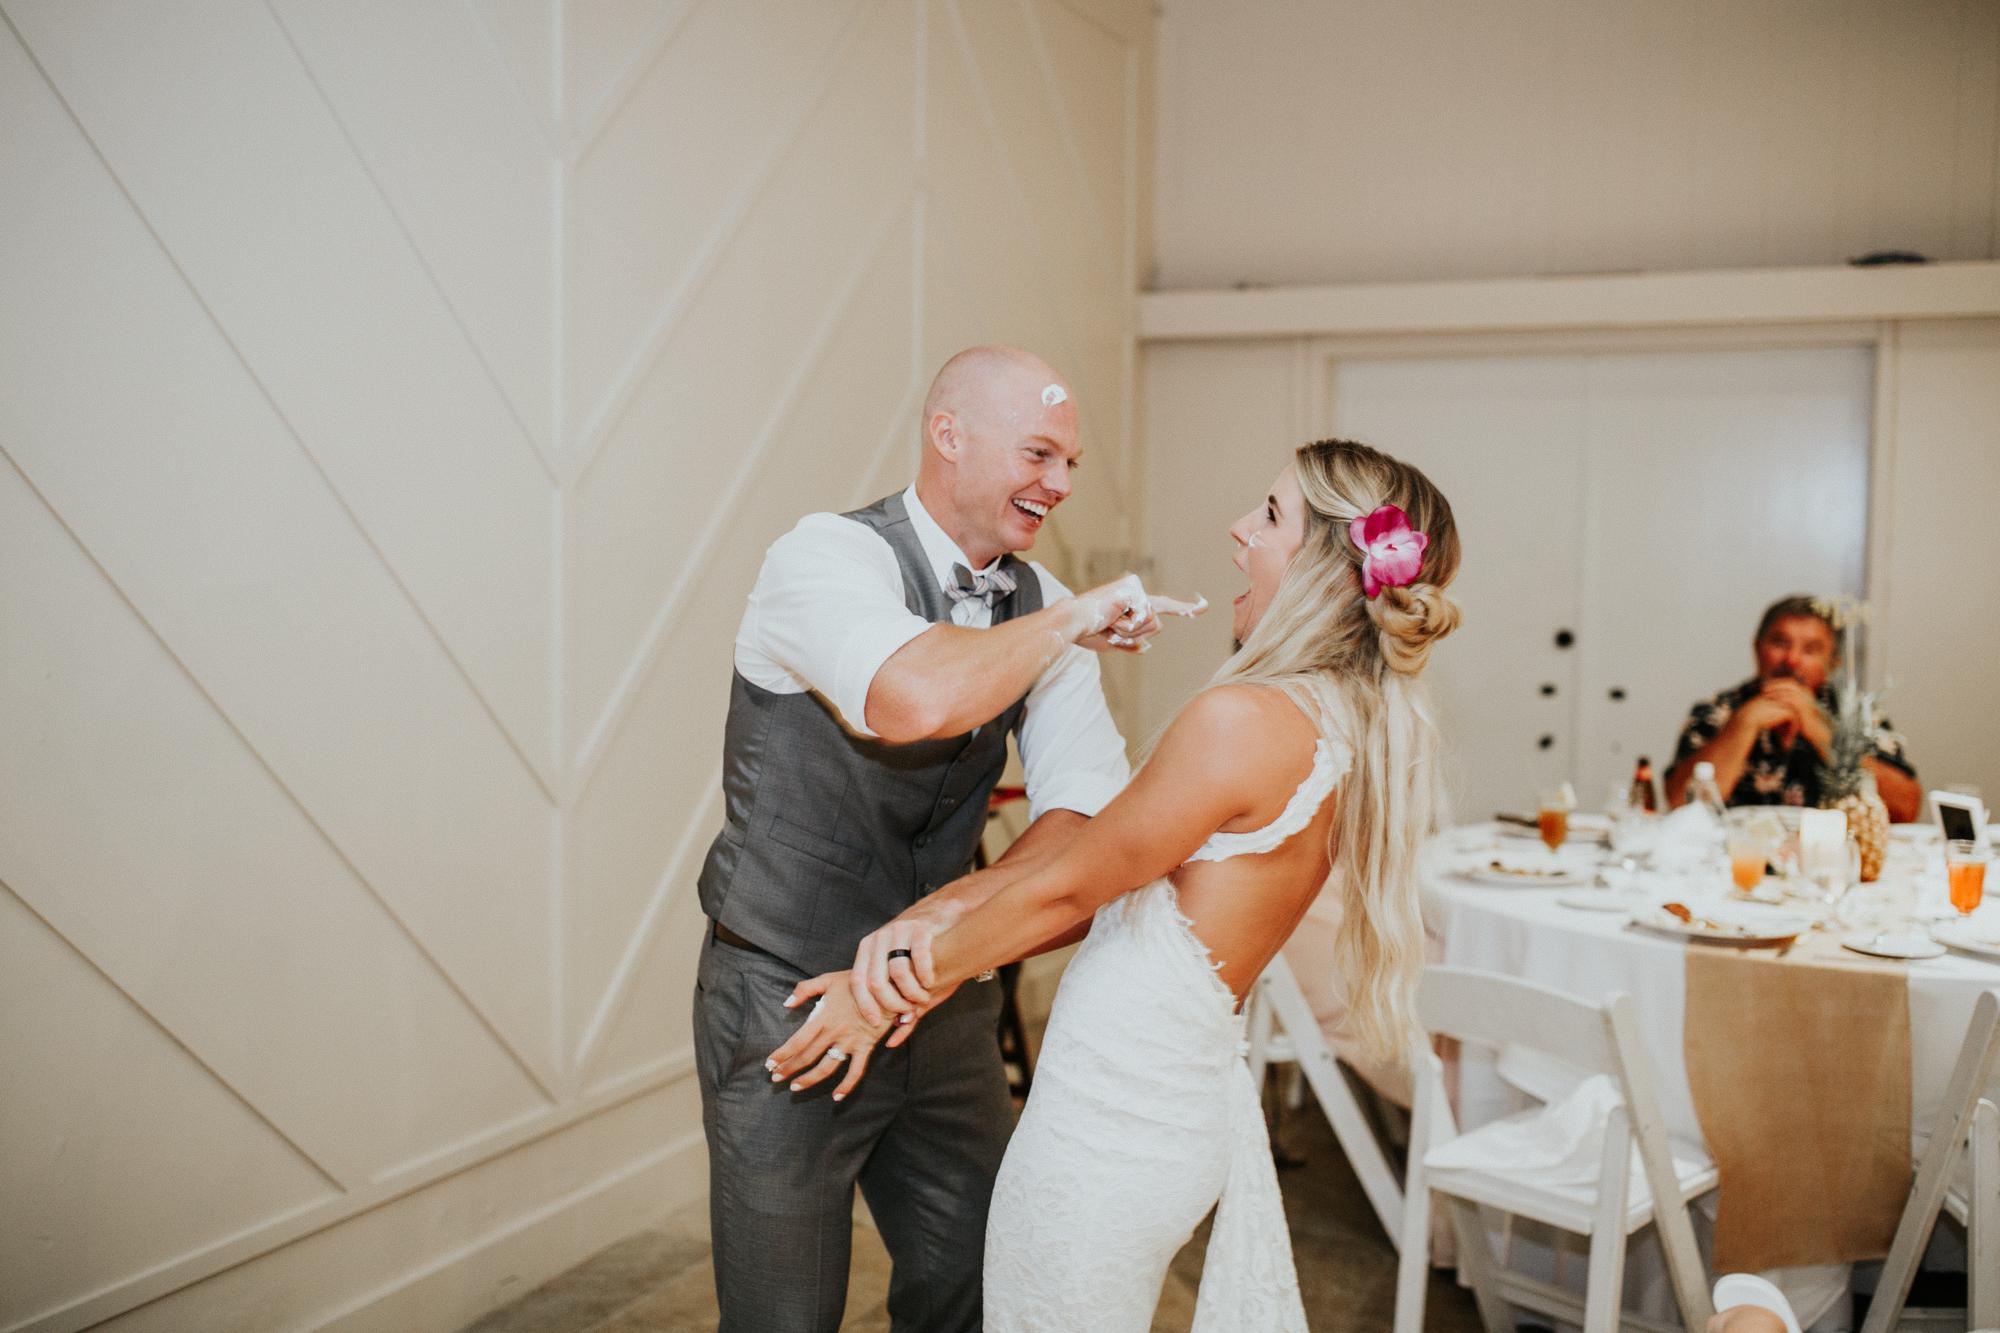 destination-wedding-photographer-hawaii-maui-elopement-117.jpg